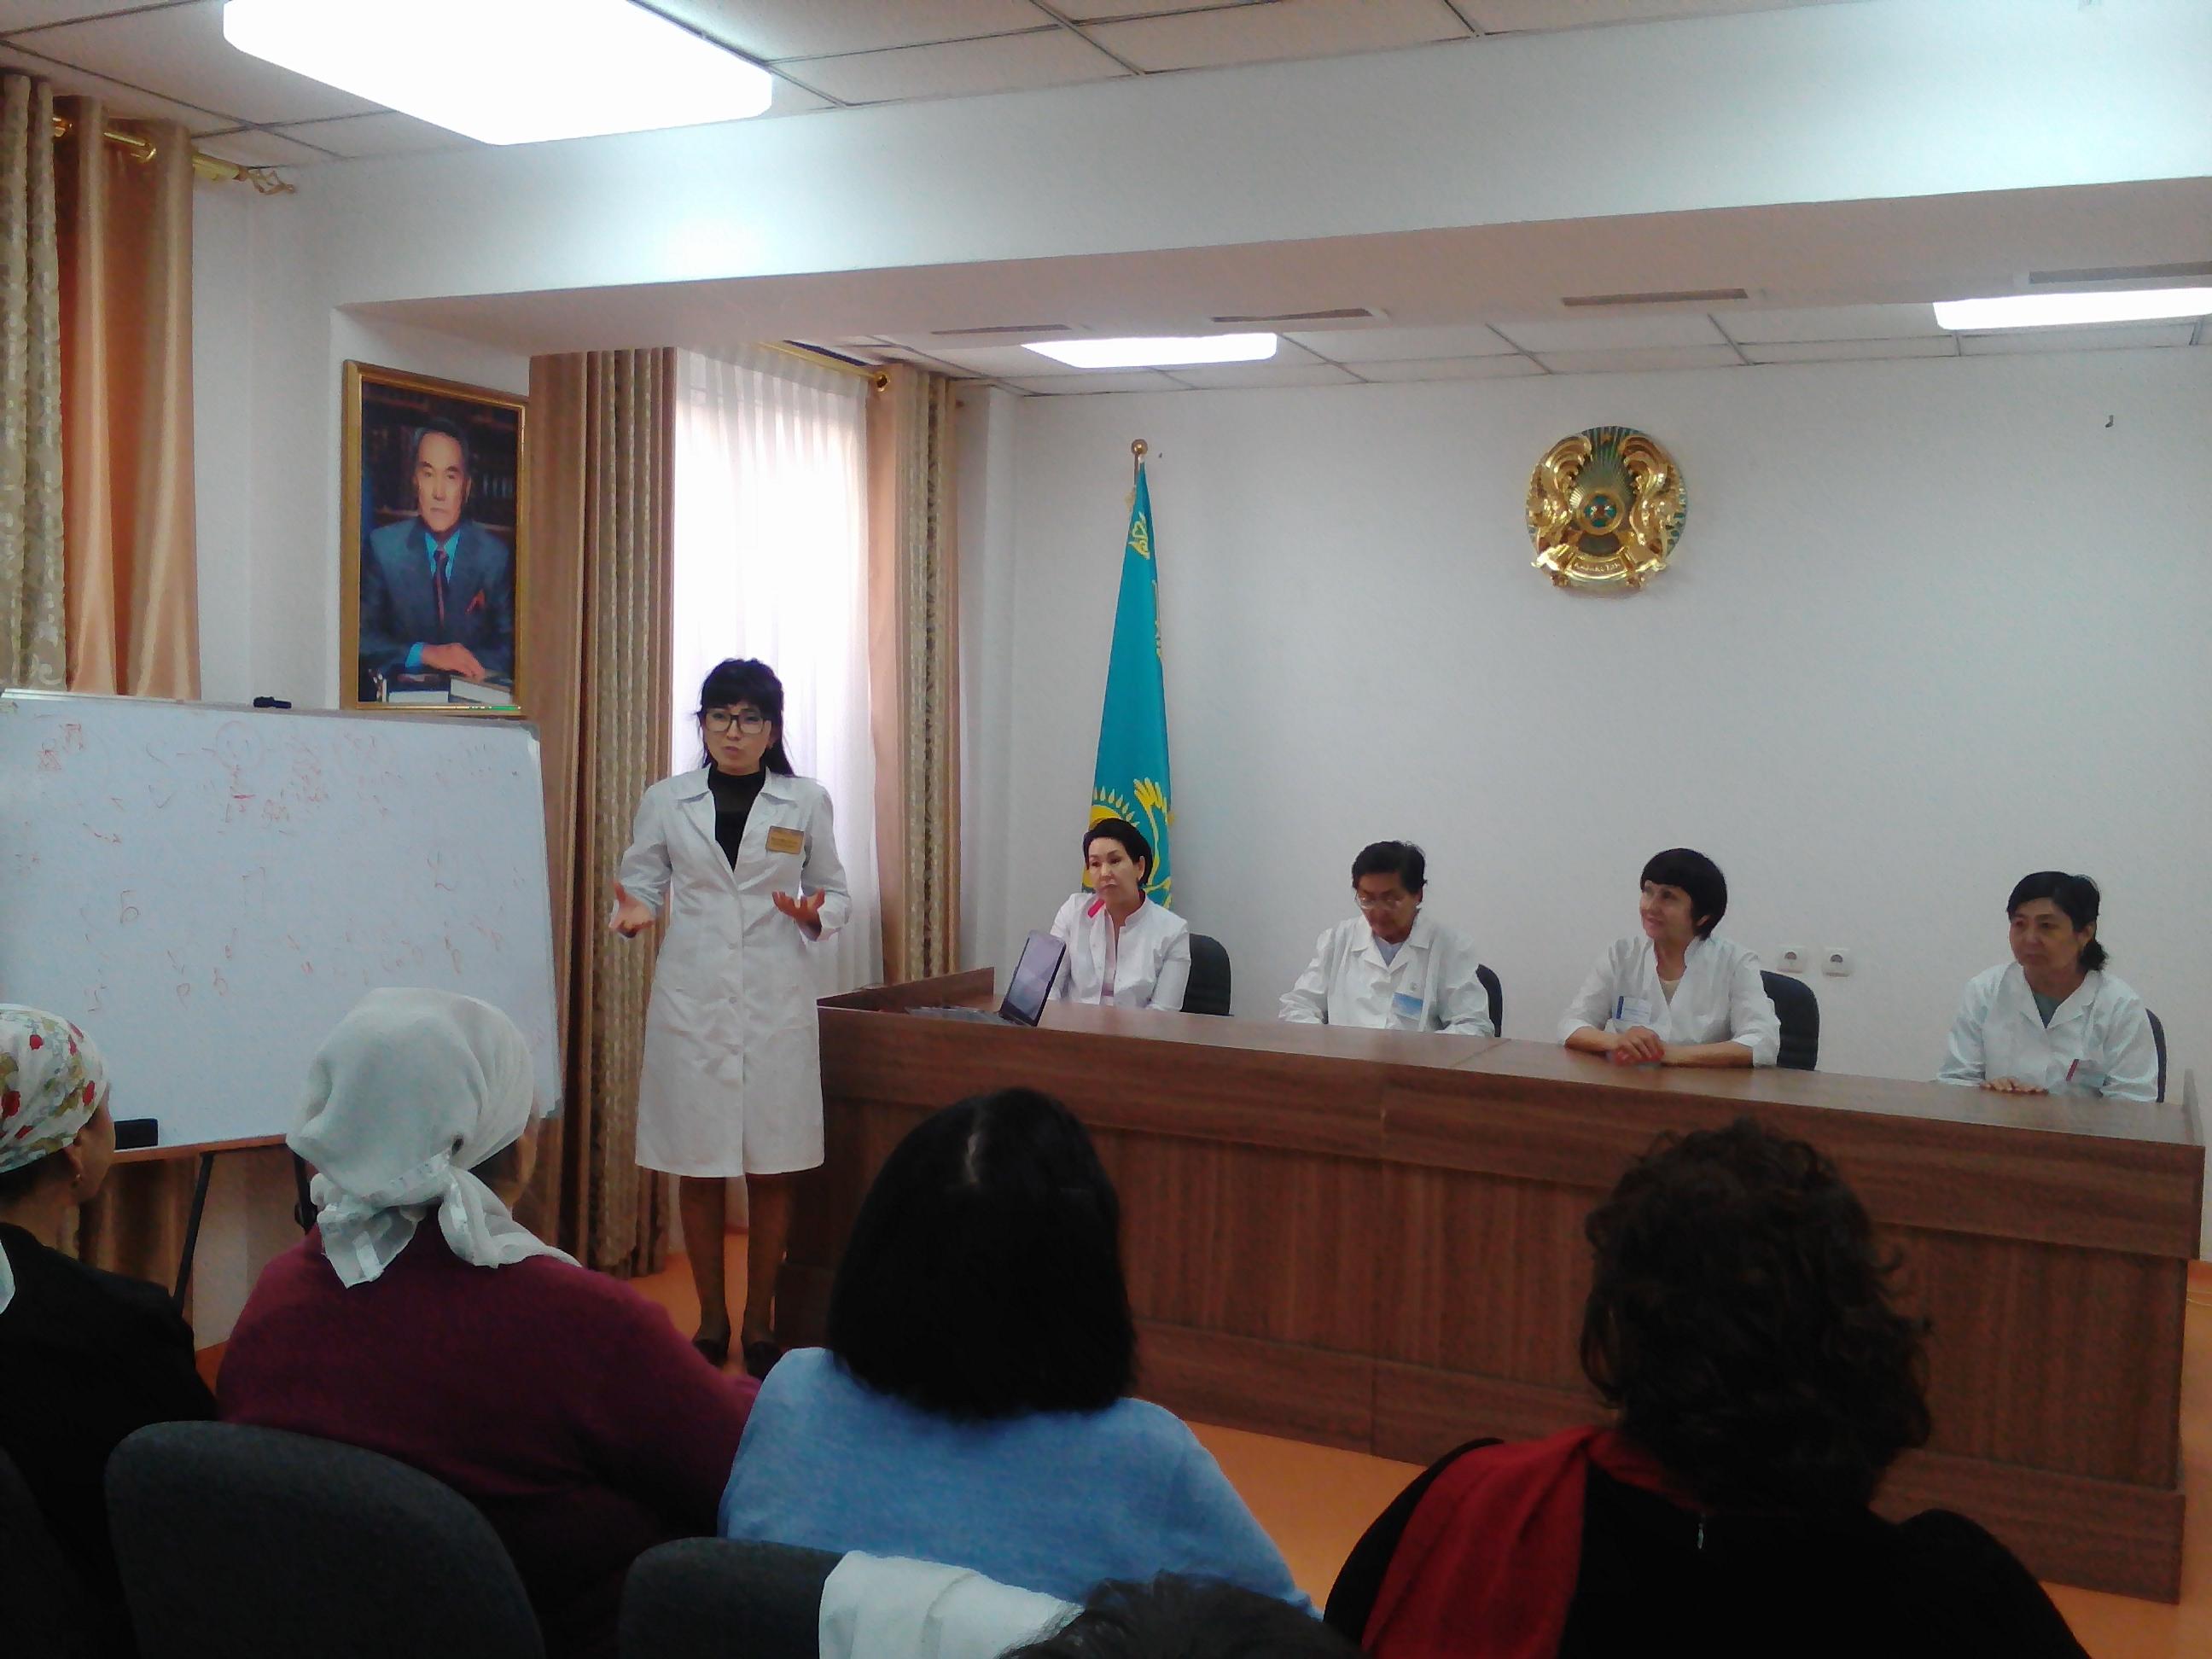 Конференция к всемирному дню здоровья